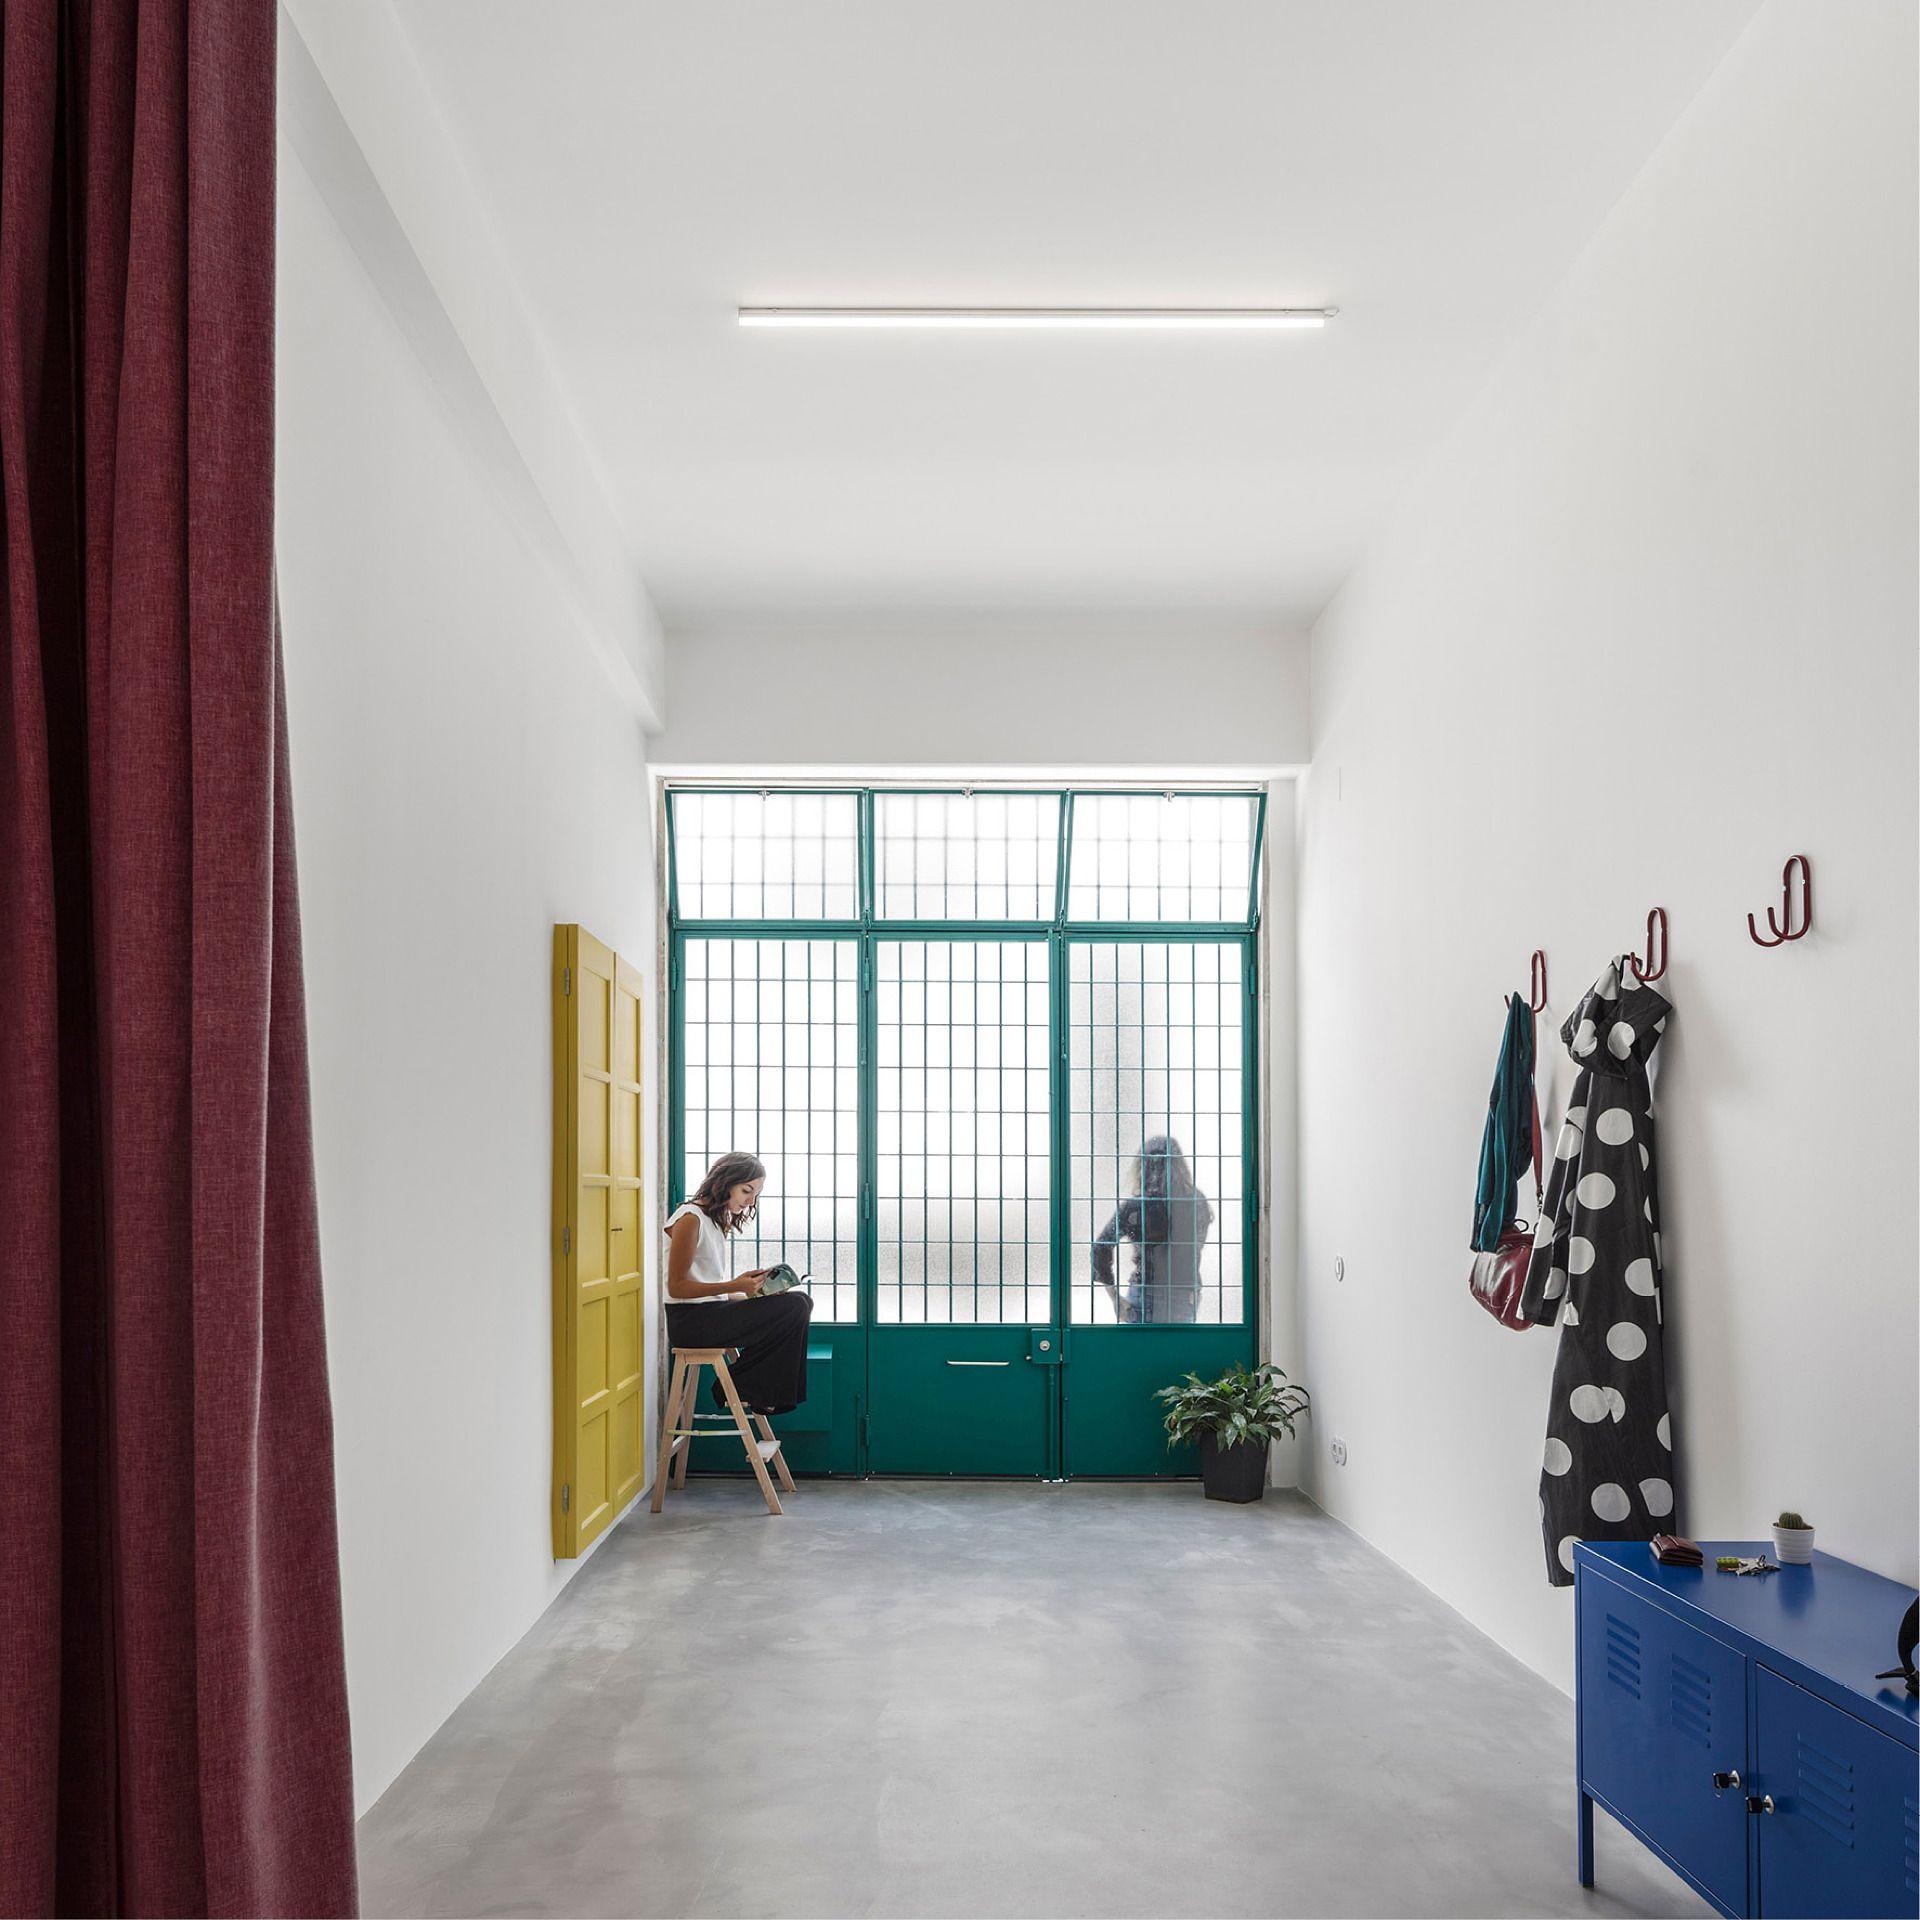 Trasformare Un Garage In Abitazione garage house di fala atelier | livegreenblog